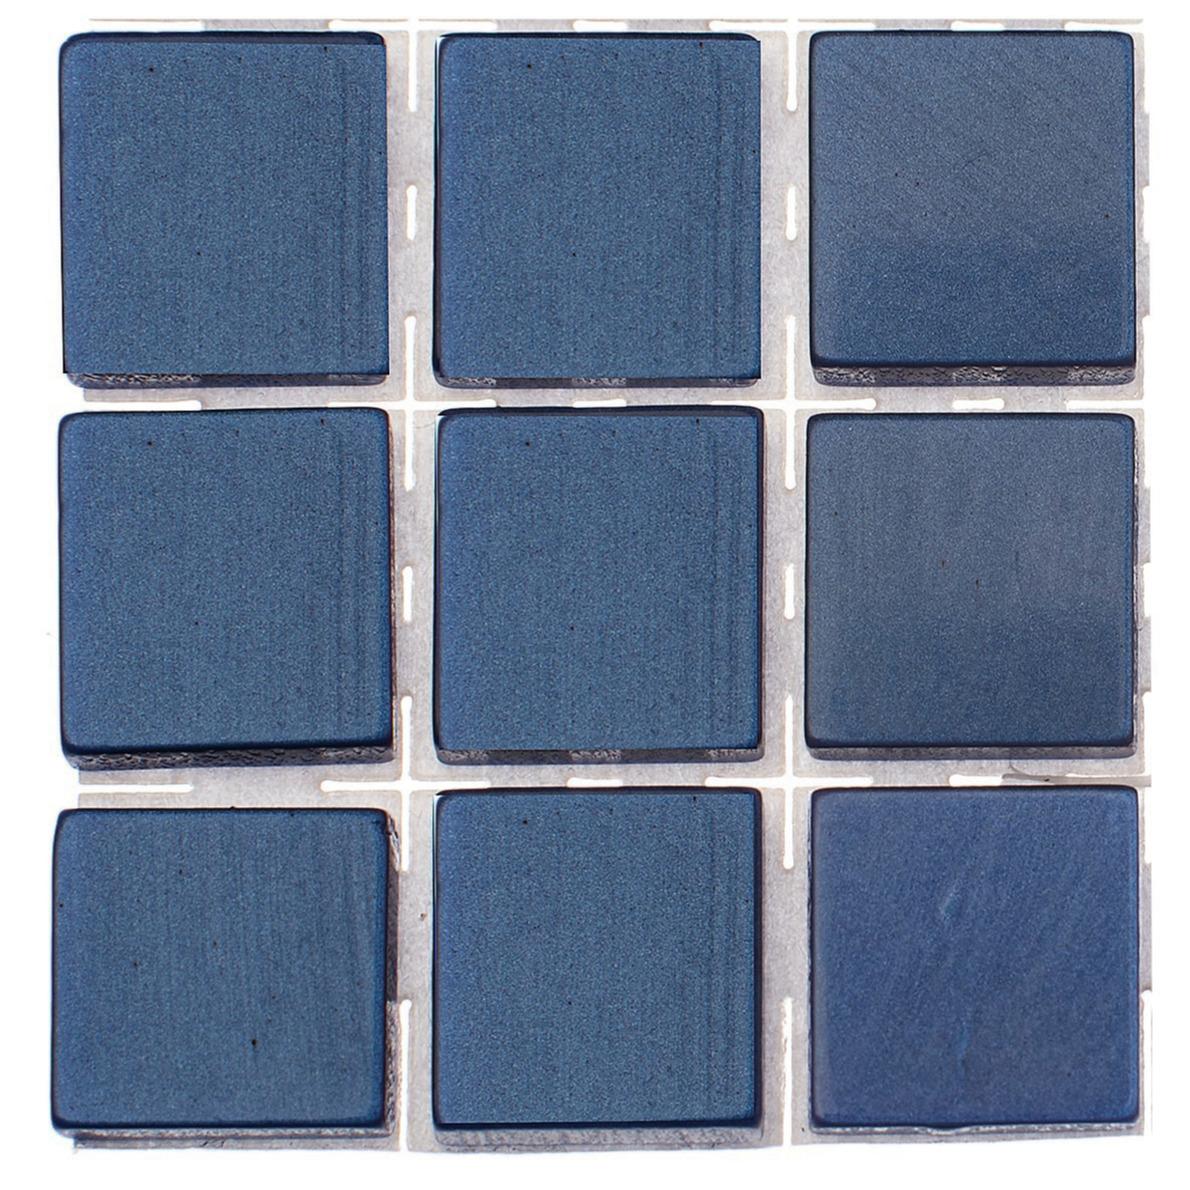 63x stuks mozaieken maken steentjes-tegels kleur donkerblauw 10 x 10 x 2 mm